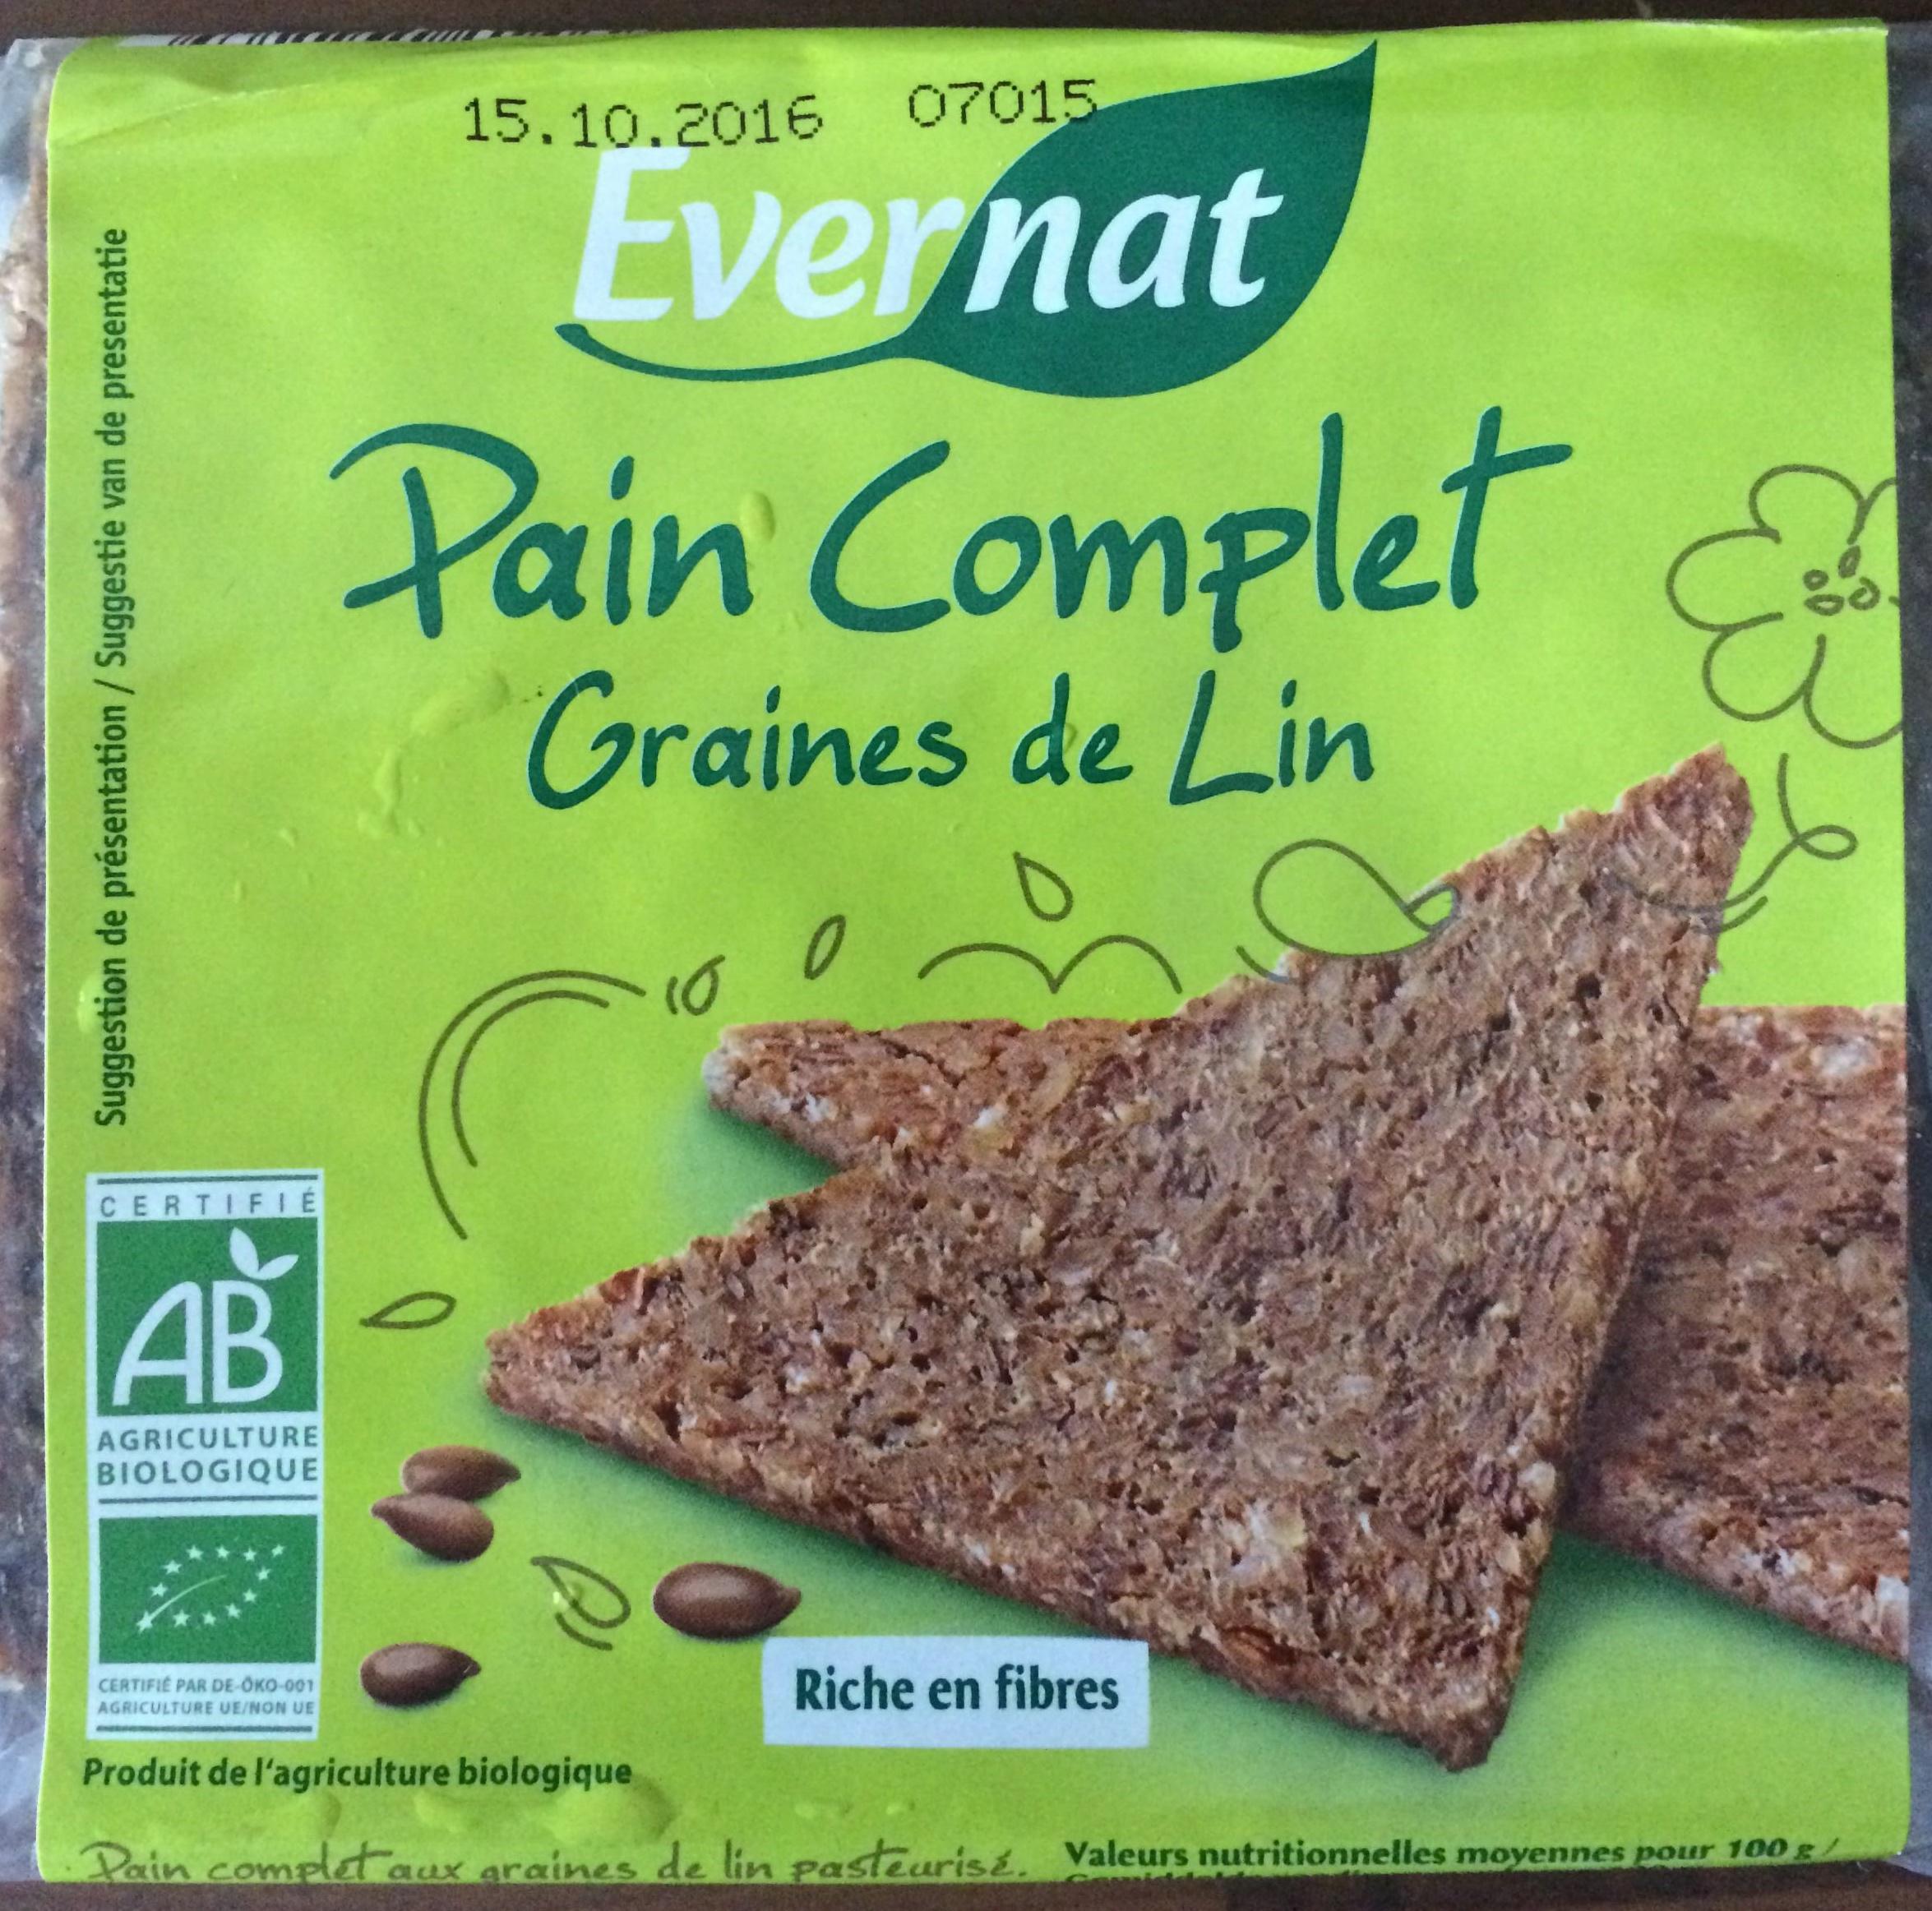 Pain Complet Graines de Lin - Evernat - 500 g e  Pain Complet Gr...